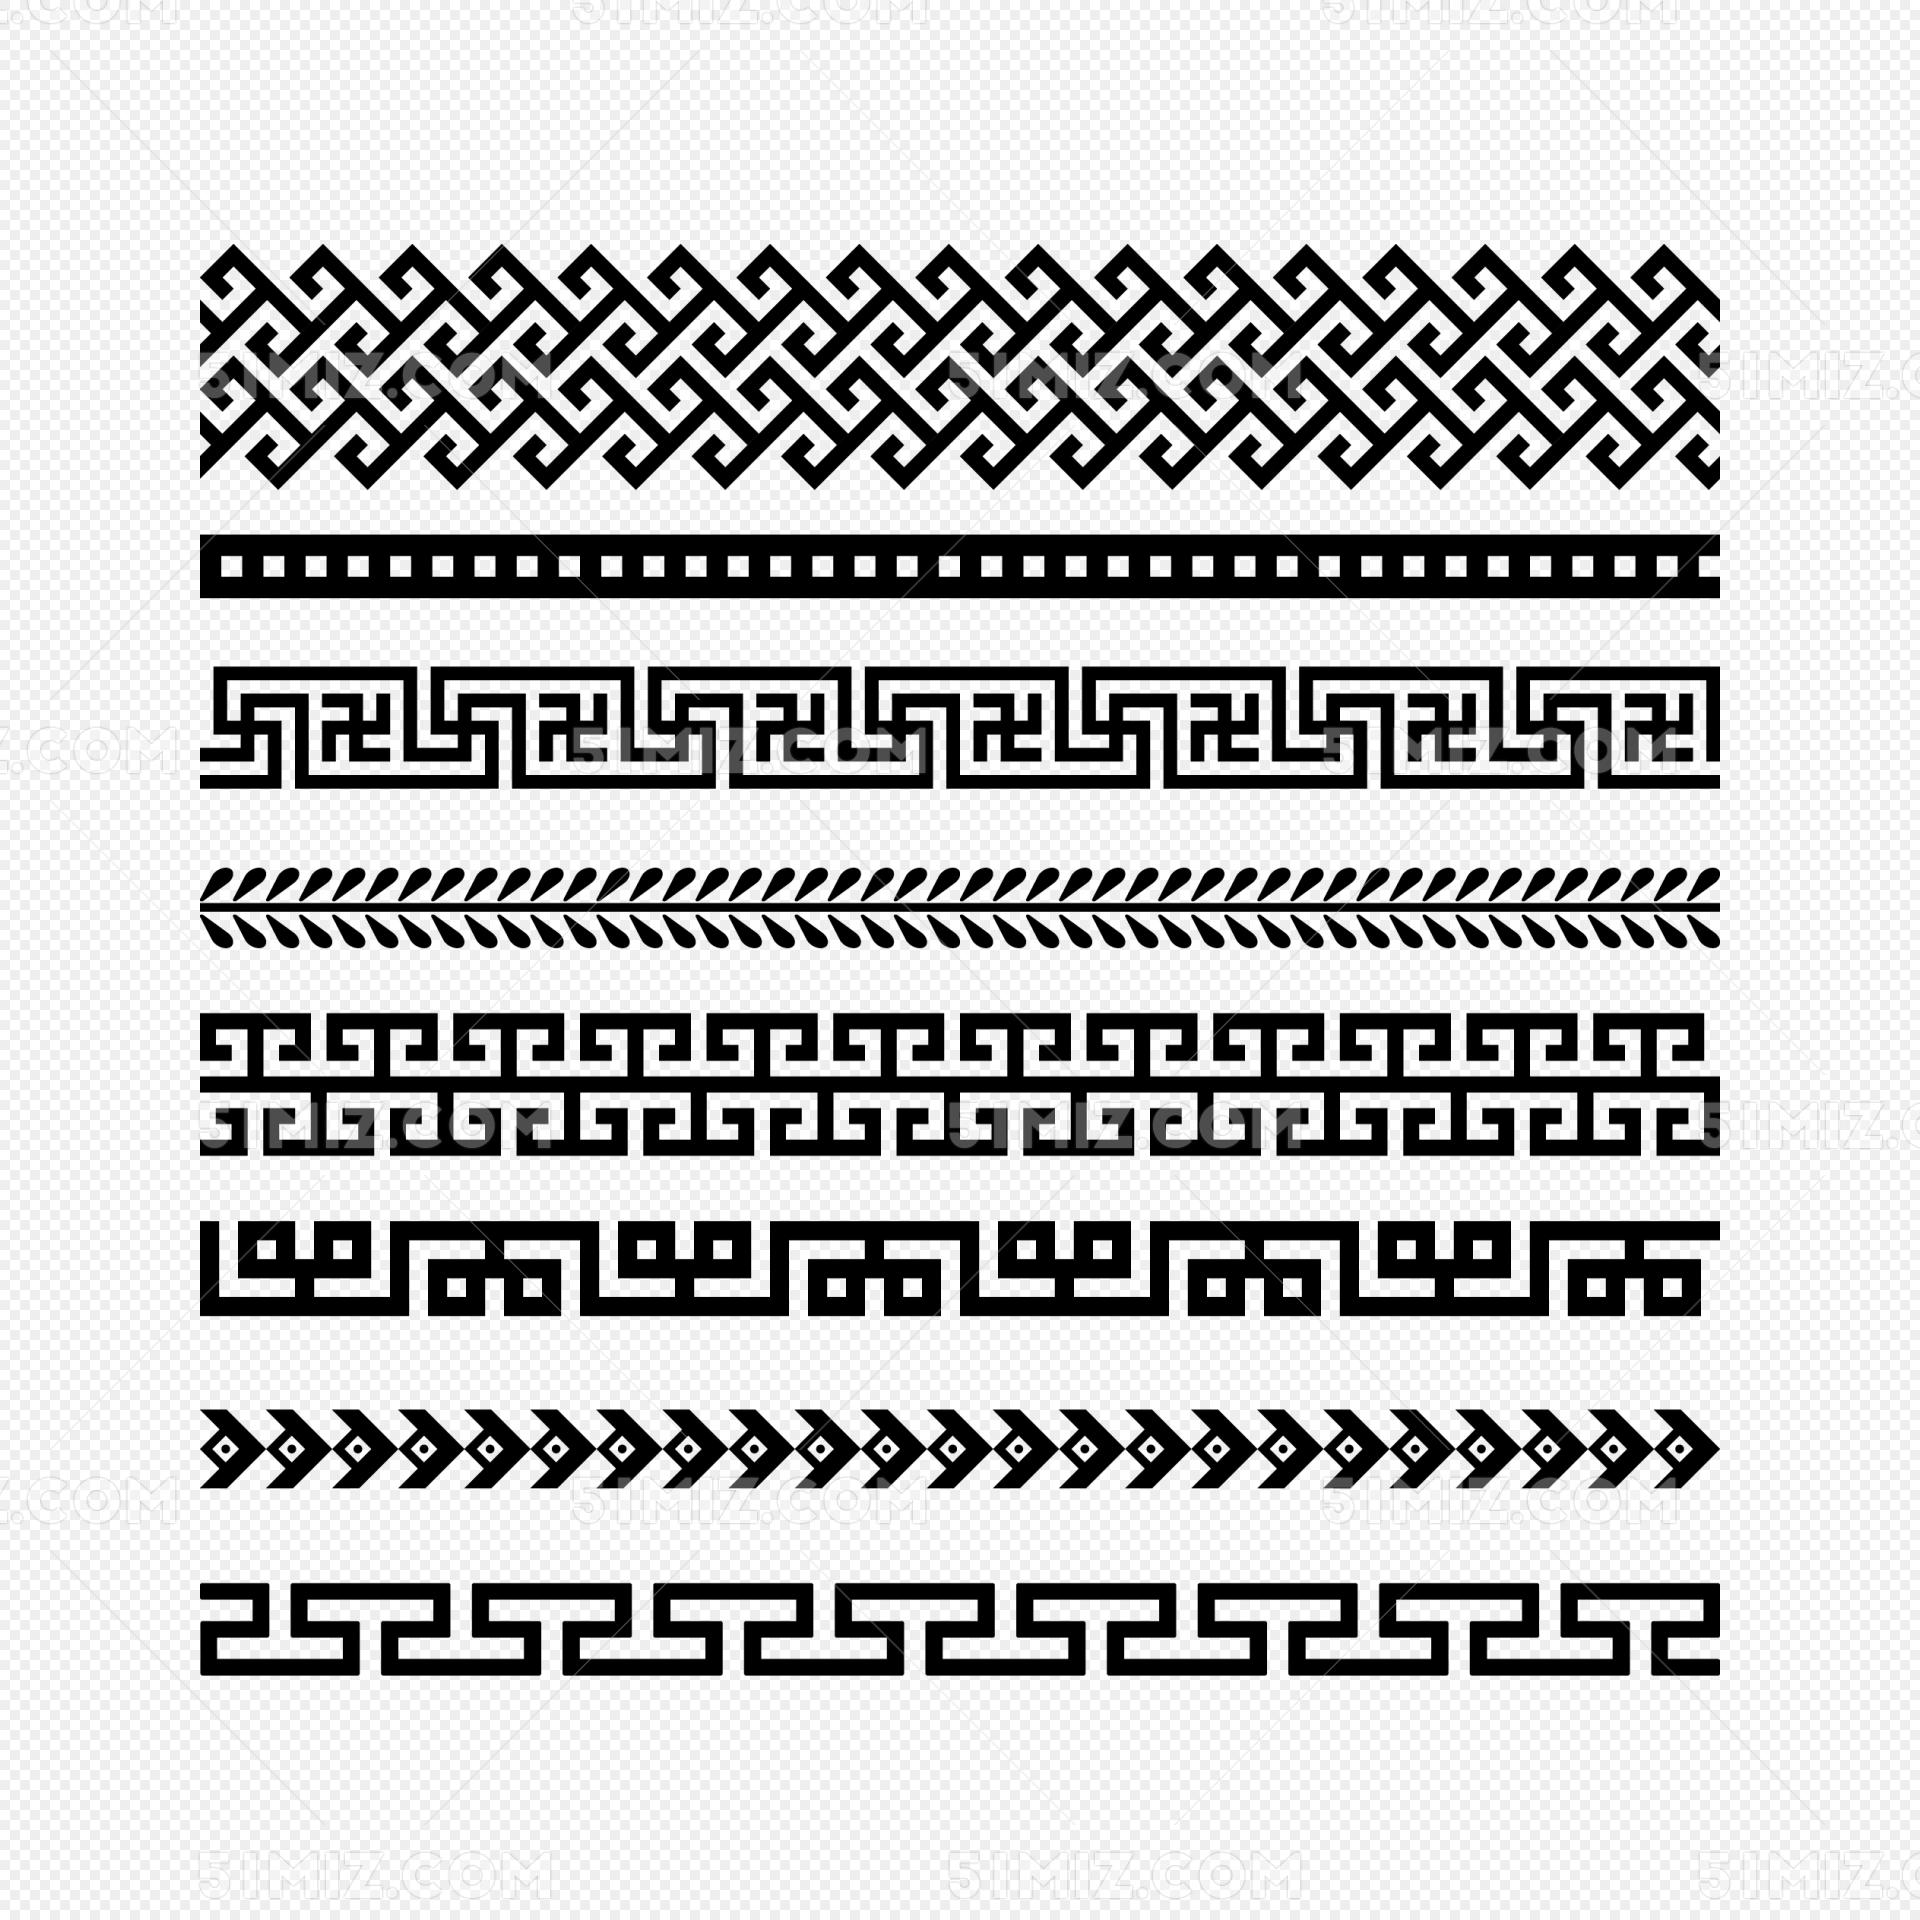 中国风边框花边花纹纹理条纹png素材